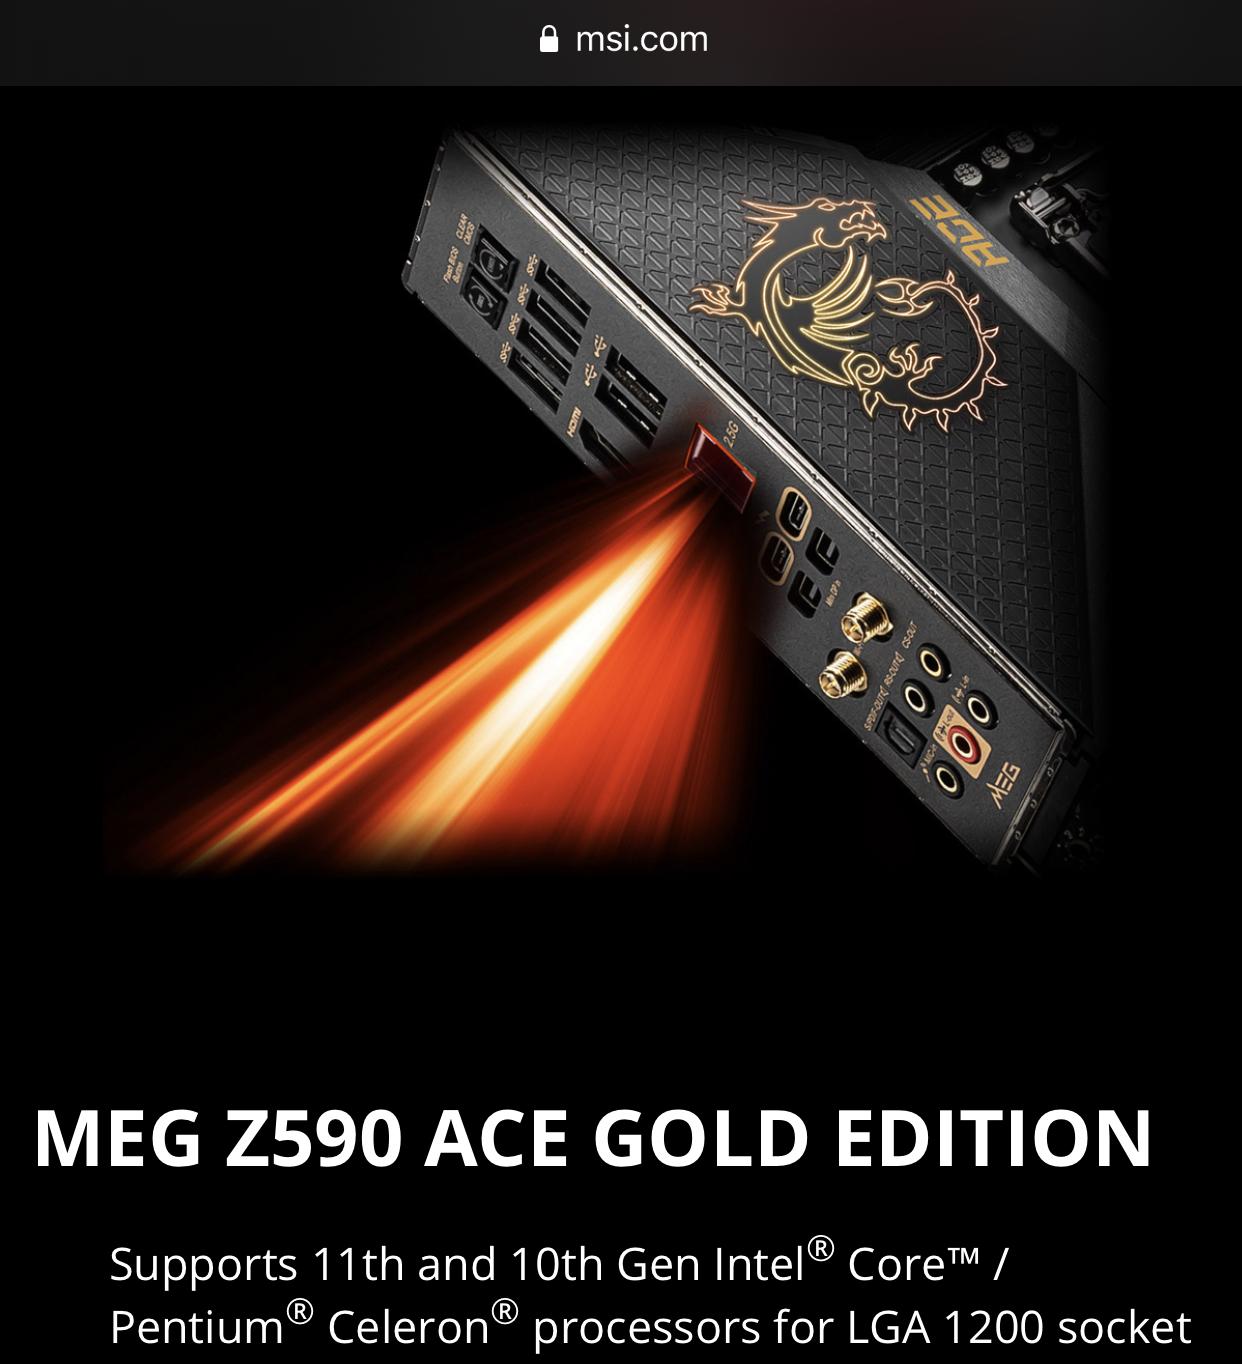 C51FE17F-03BE-4C8E-B2C8-0C3FC60C4650.jpeg